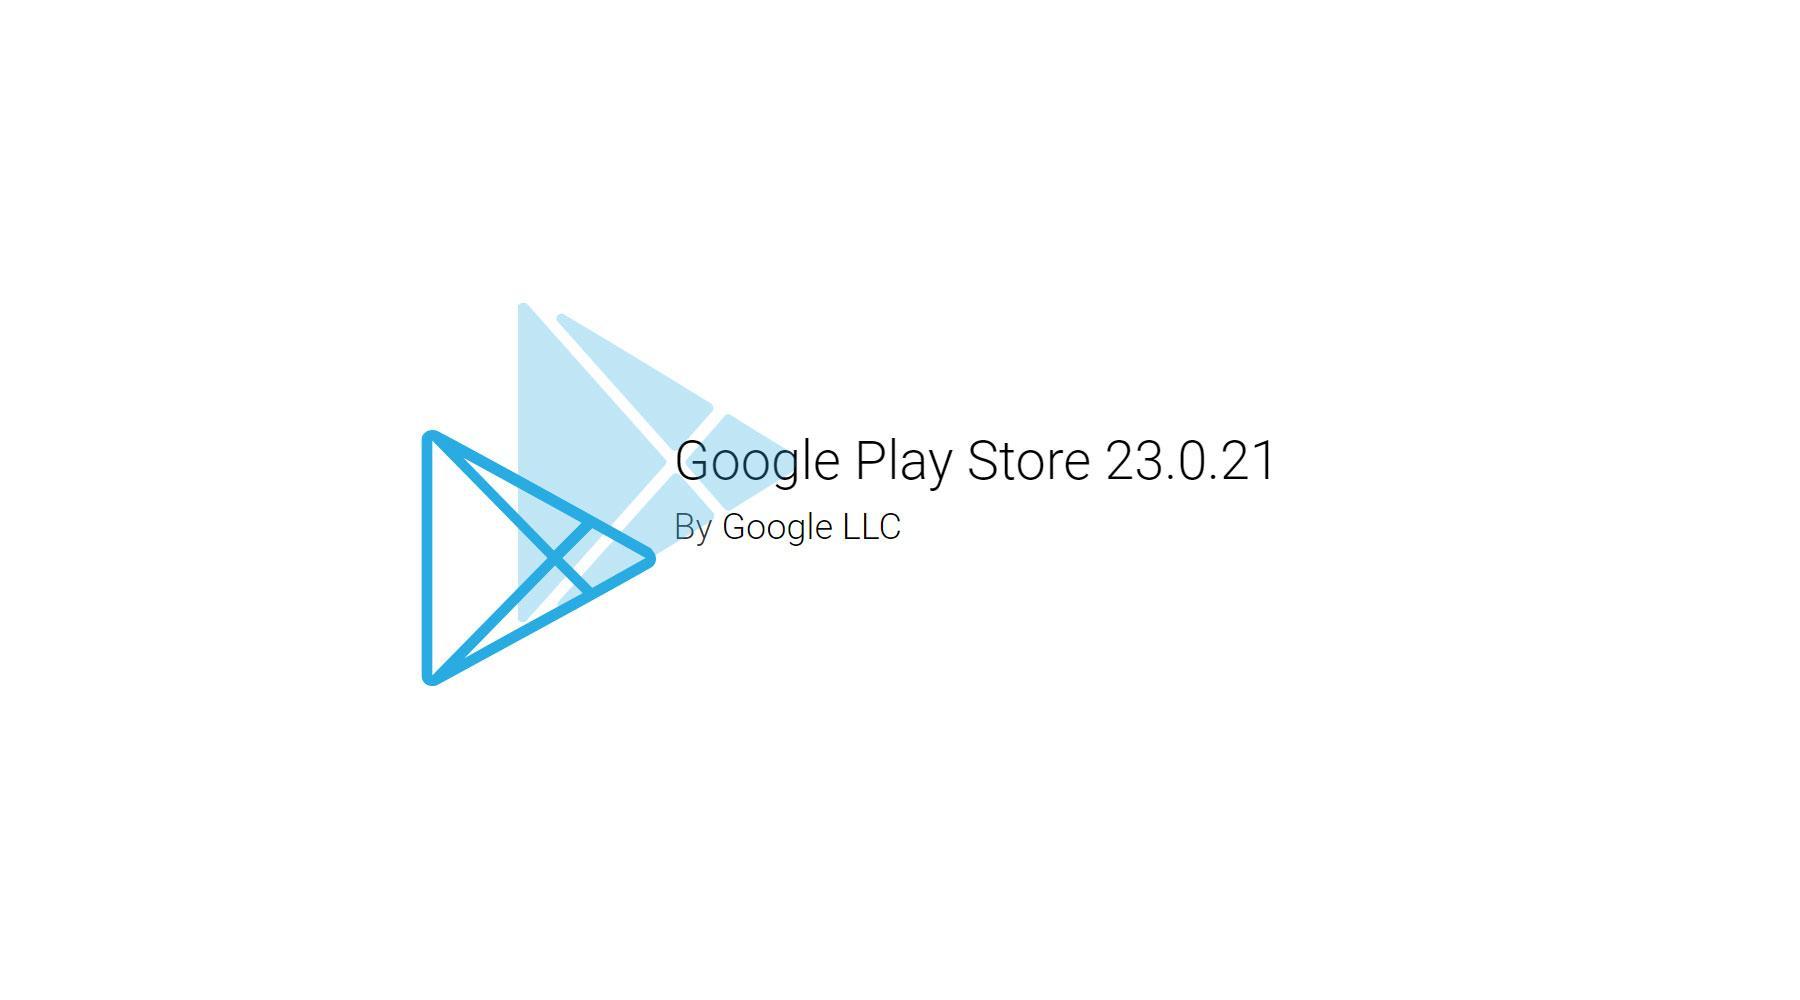 Google Play Store обновился до 23.0.21. Пора скачивать